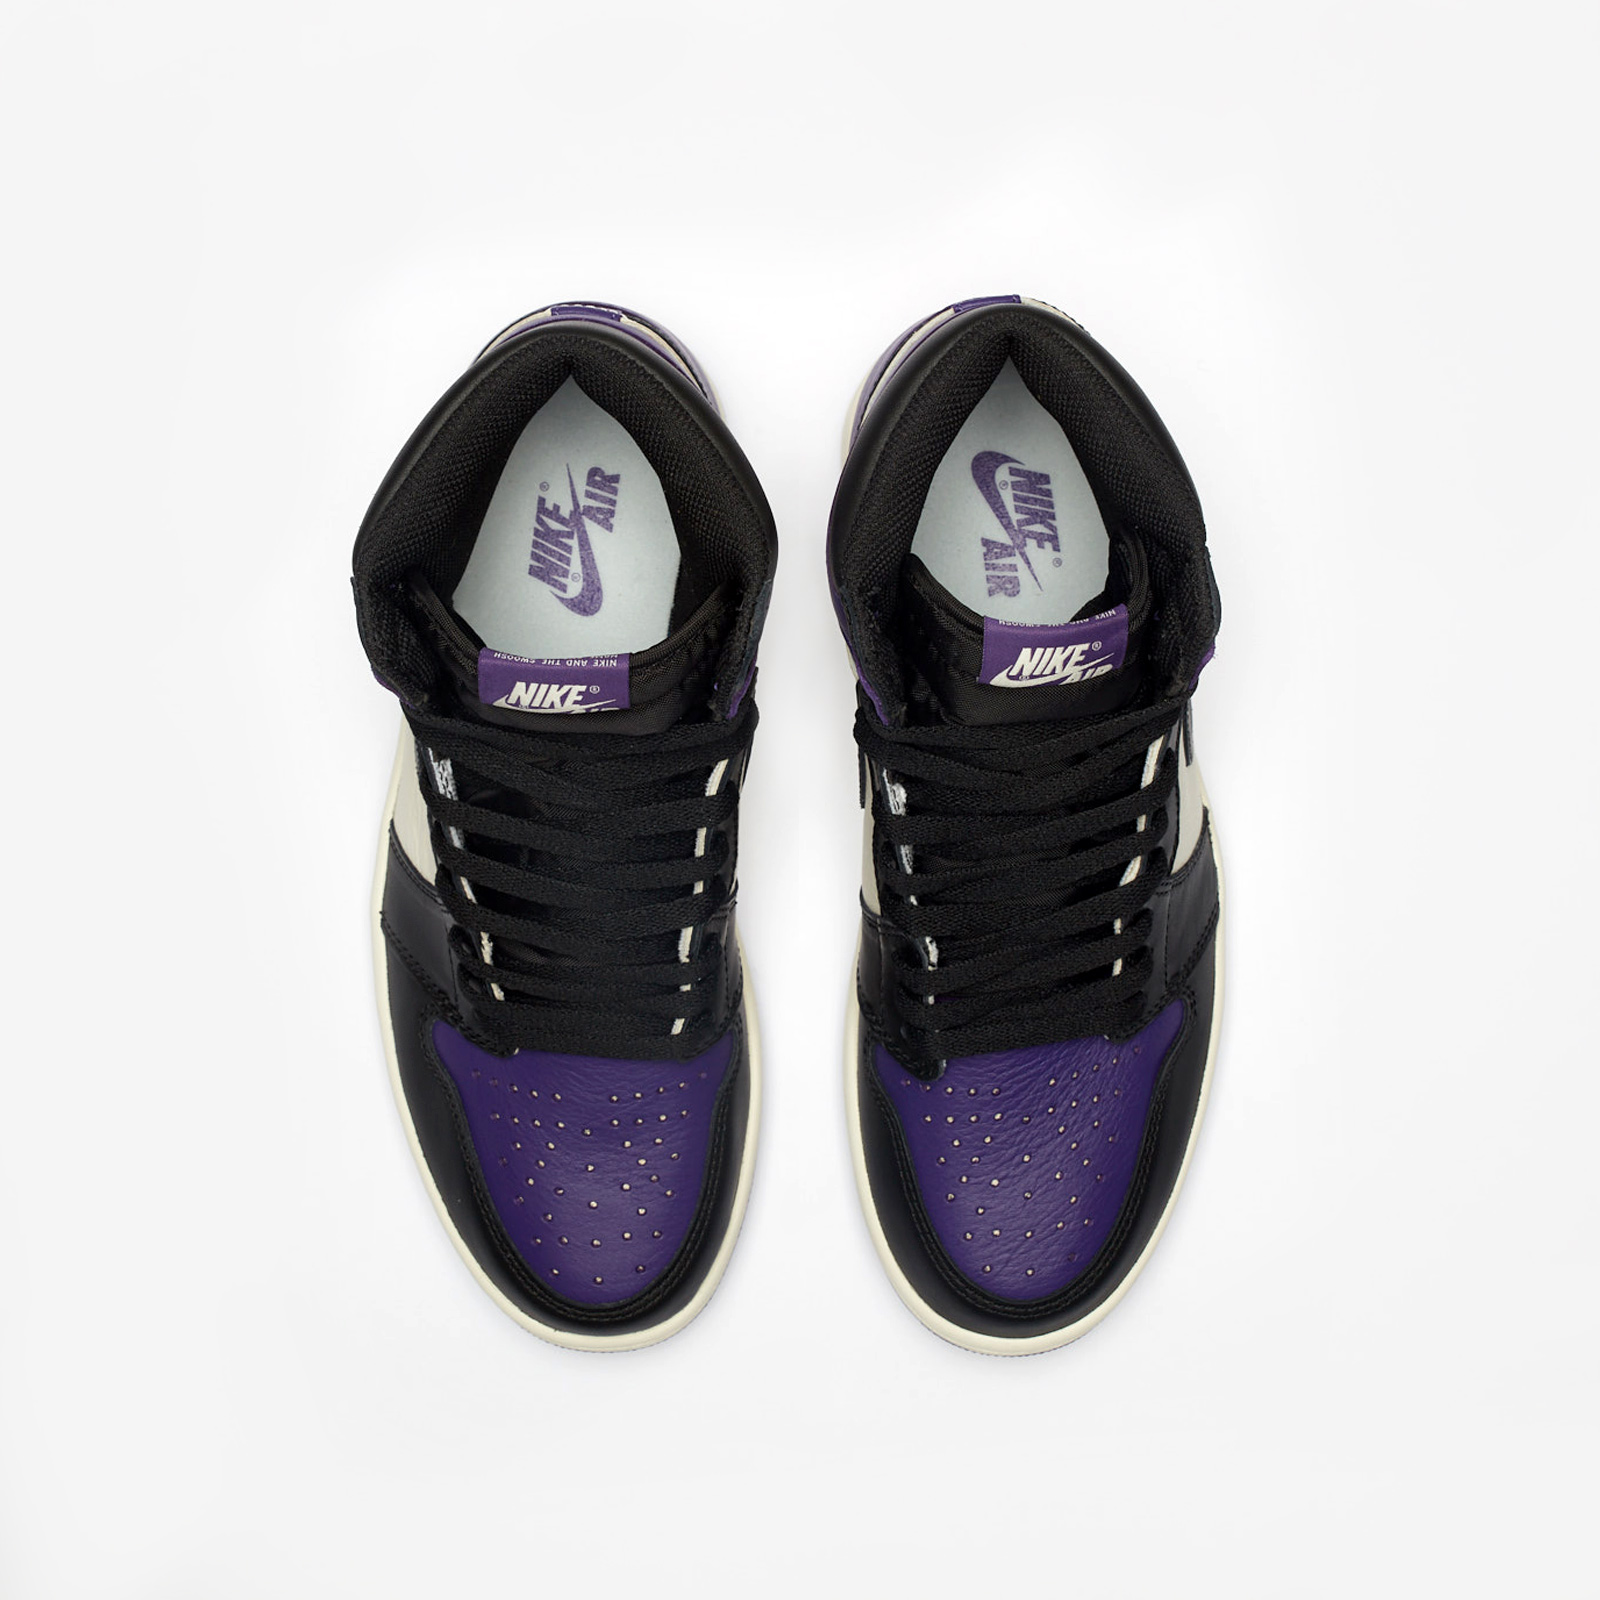 hot sales dda47 b2144 Jordan Brand Air Jordan 1 Retro High OG - 555088-501 - Sneakersnstuff    sneakers   streetwear online since 1999